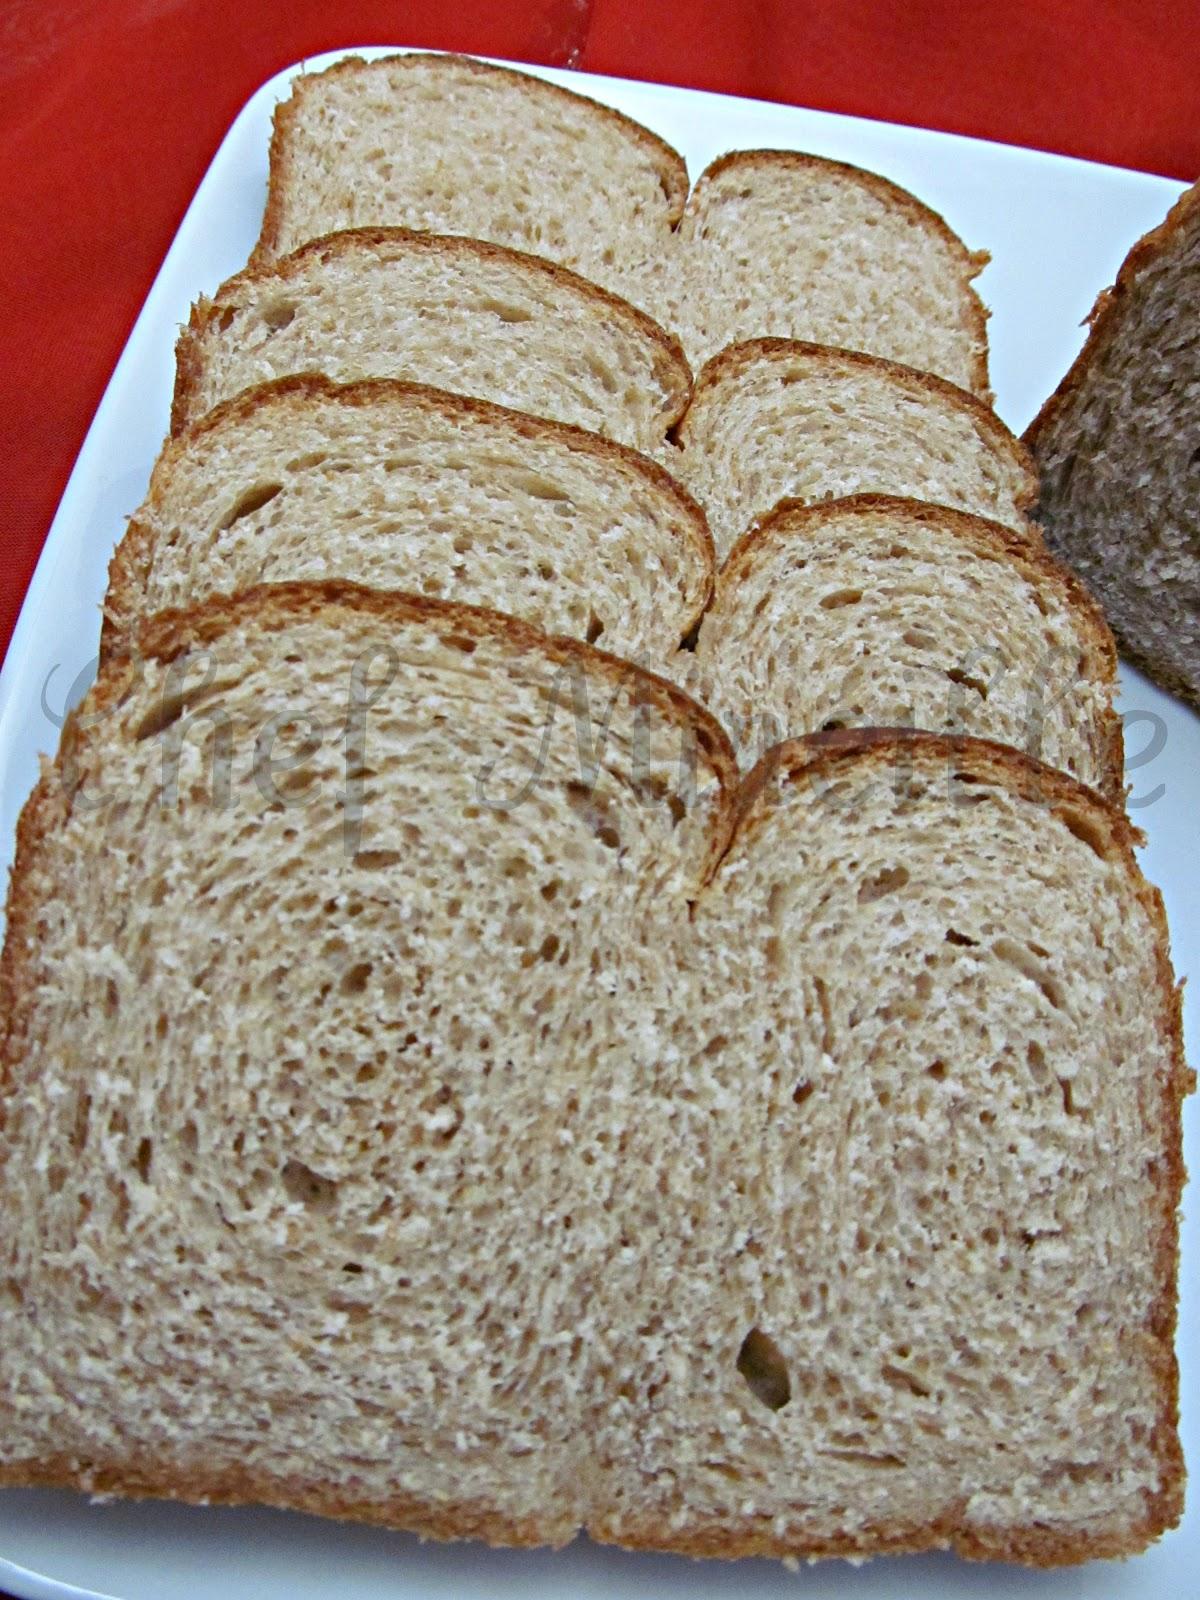 Buttermilk Whole Wheat Bread - The Schizo Chef